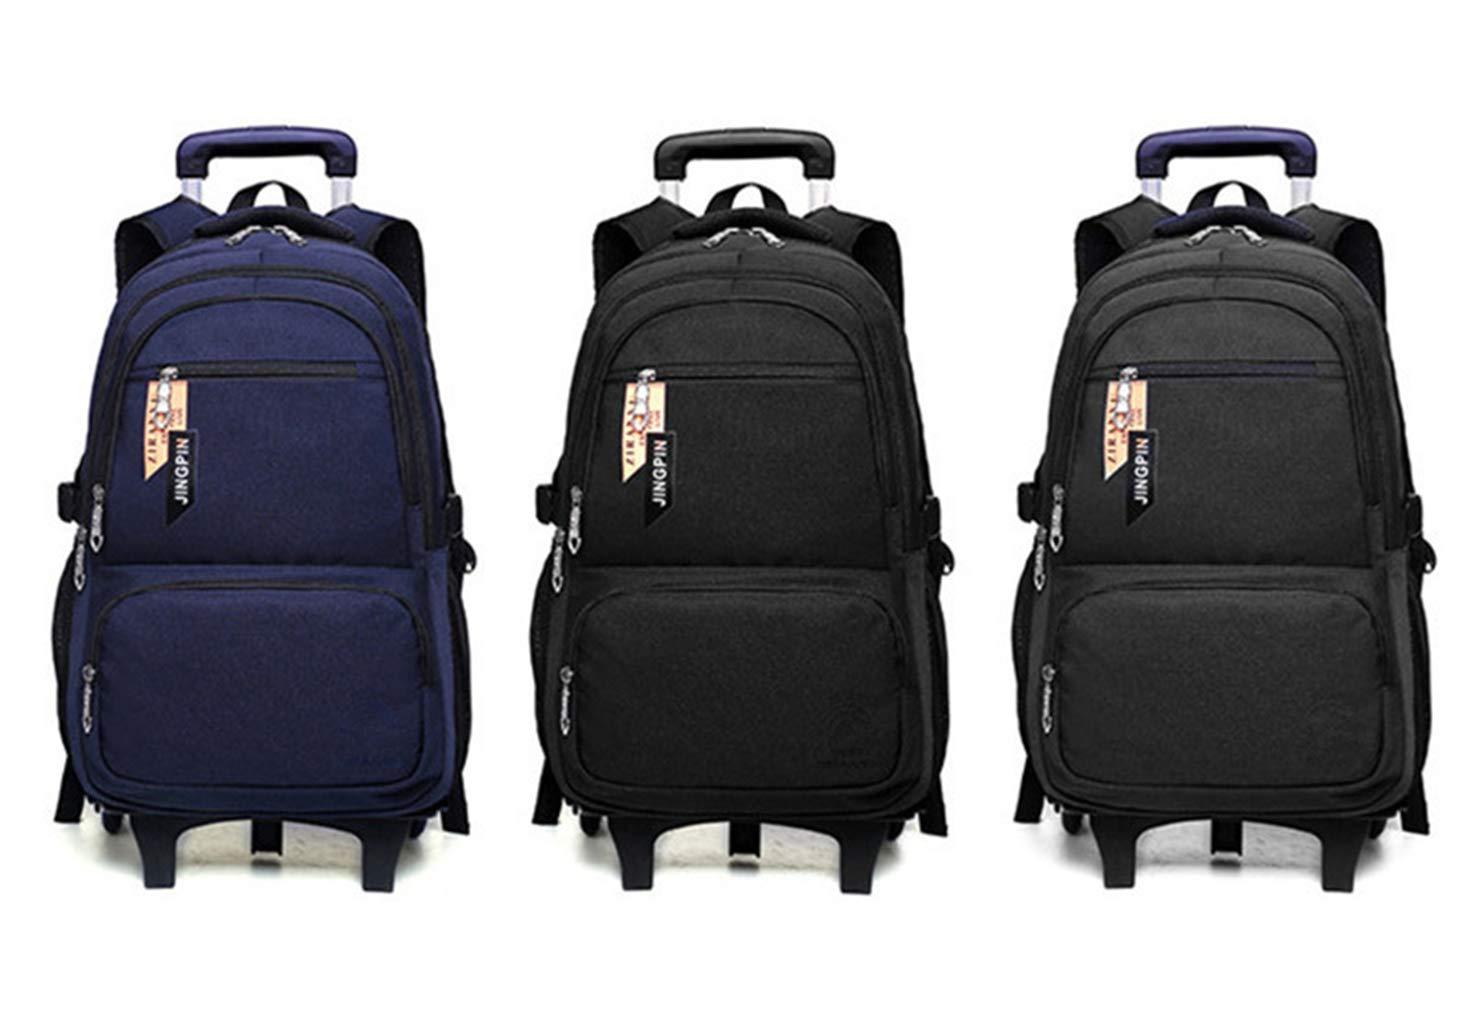 Mochilas Rodante Backpack Maletas con Ruedas - Niños Adultos Unisex Escuela Viaje Nylon Impermeable Carretilla Desmontable Trolley Bolsa Azul 2 Ruedas: ...